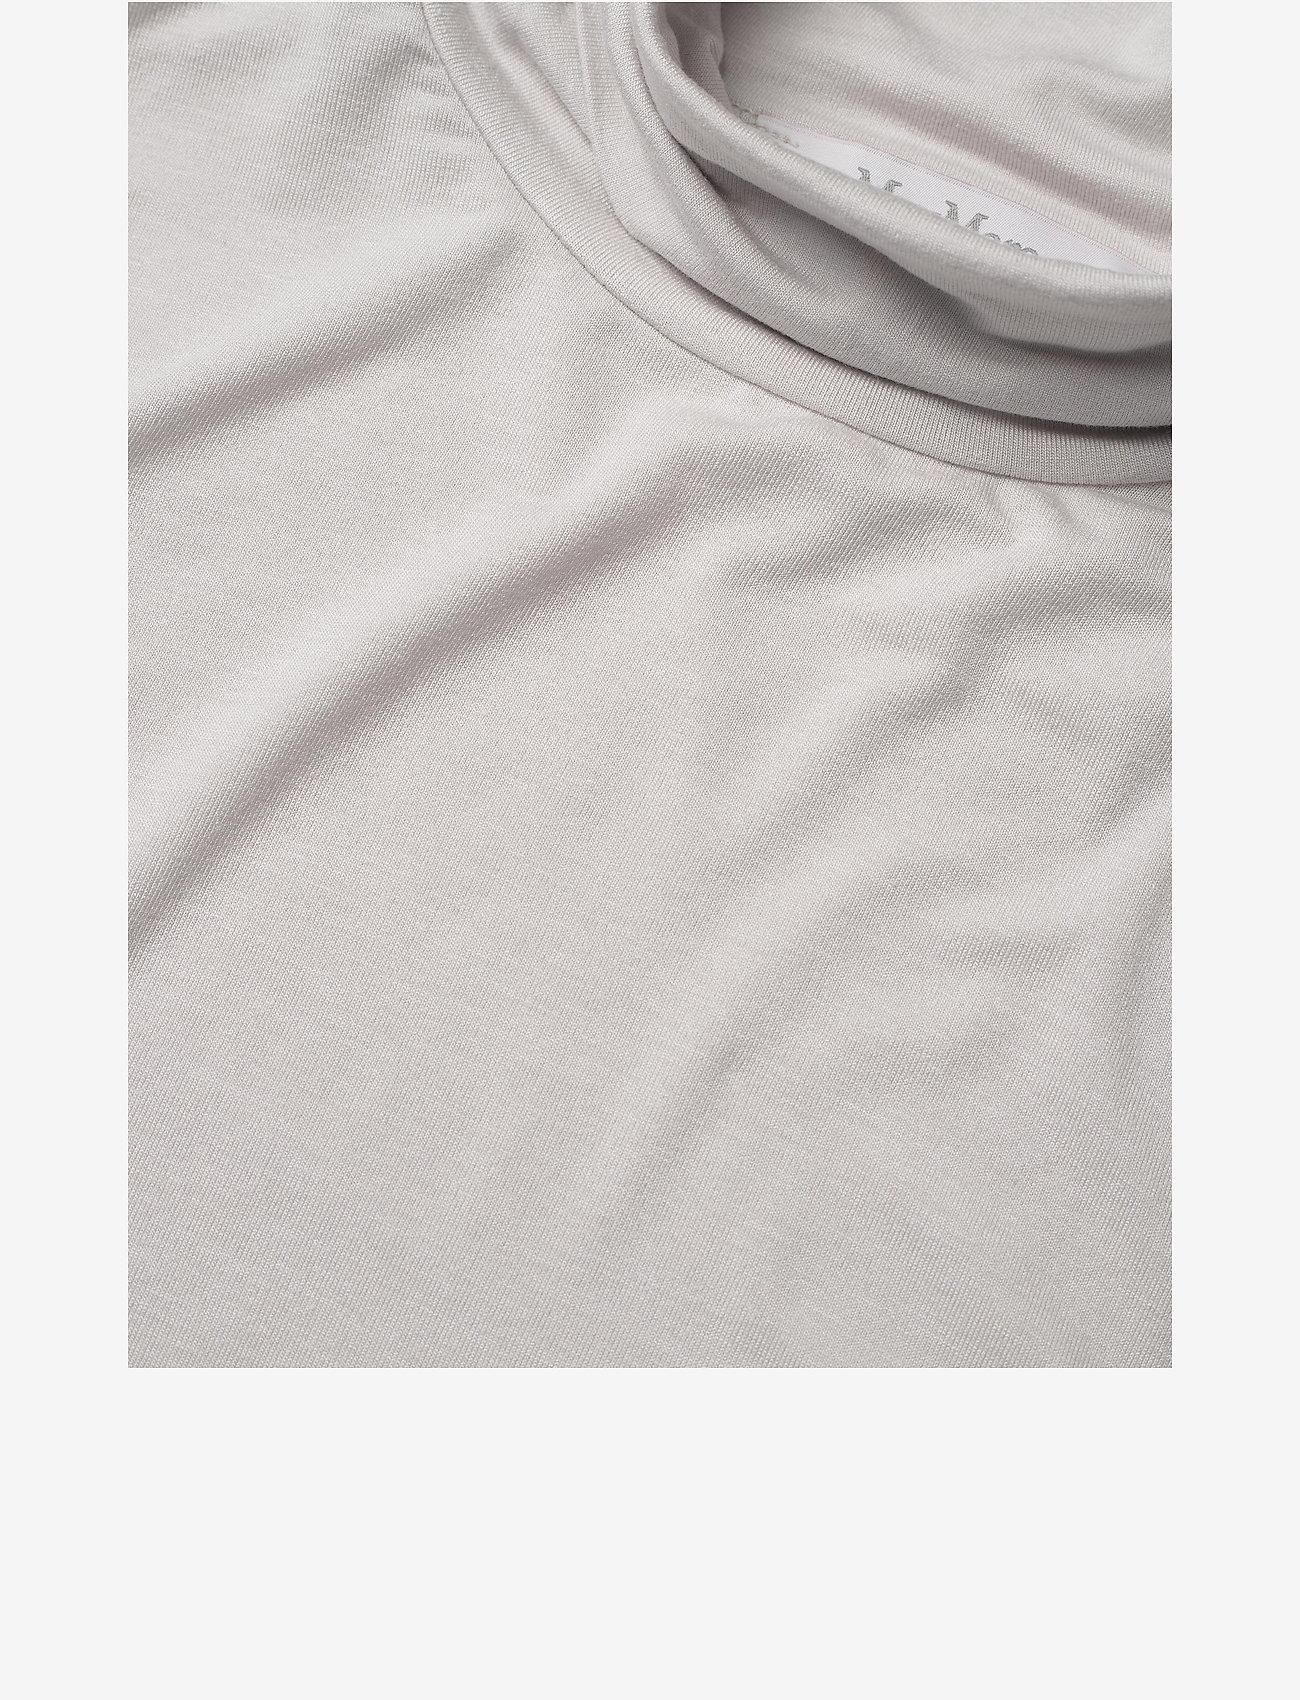 Max Mara Leisure - DEDE - long-sleeved tops - beige - 2